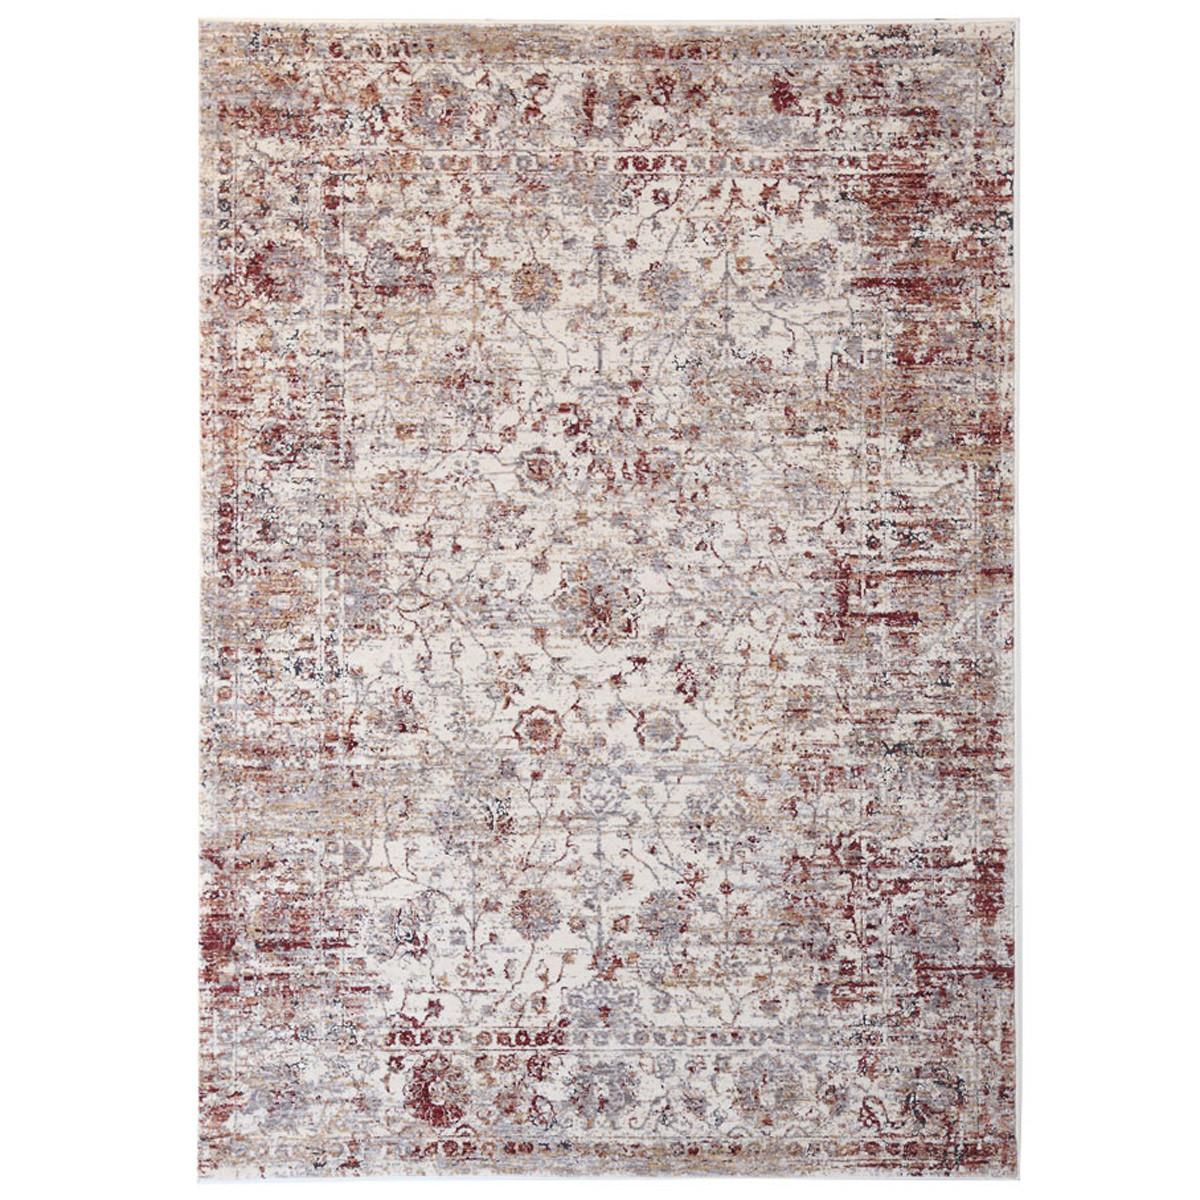 Χαλί Διαδρόμου (80x150) Royal Carpets Neo 147B Cream home   χαλιά   χαλιά κουζίνας   διάδρομοι